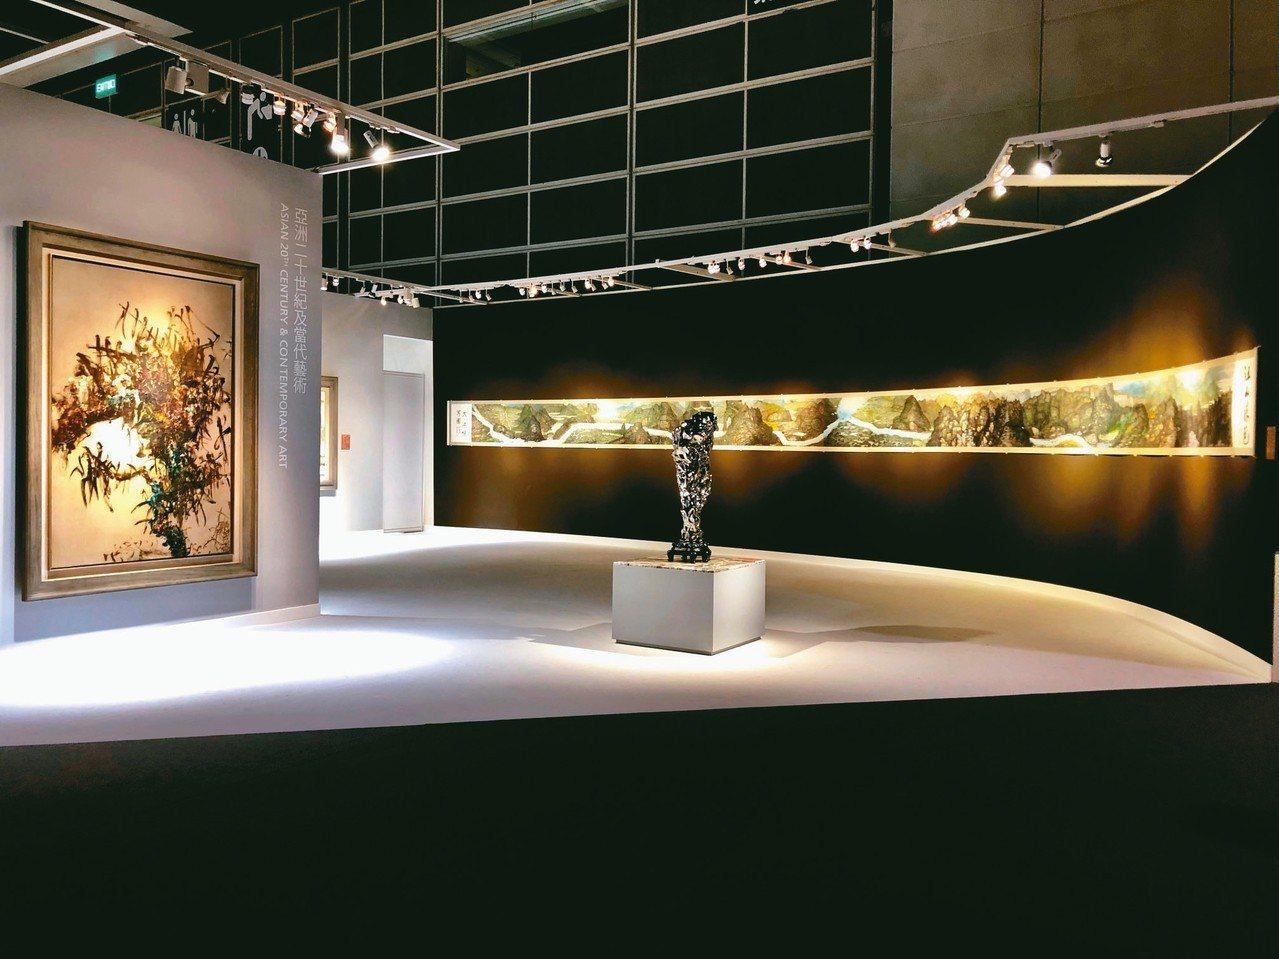 「不凡─宋代美學一千年」專拍,也精選受到蘇東坡《木石圖》影響的當代藝術,有周春芽...